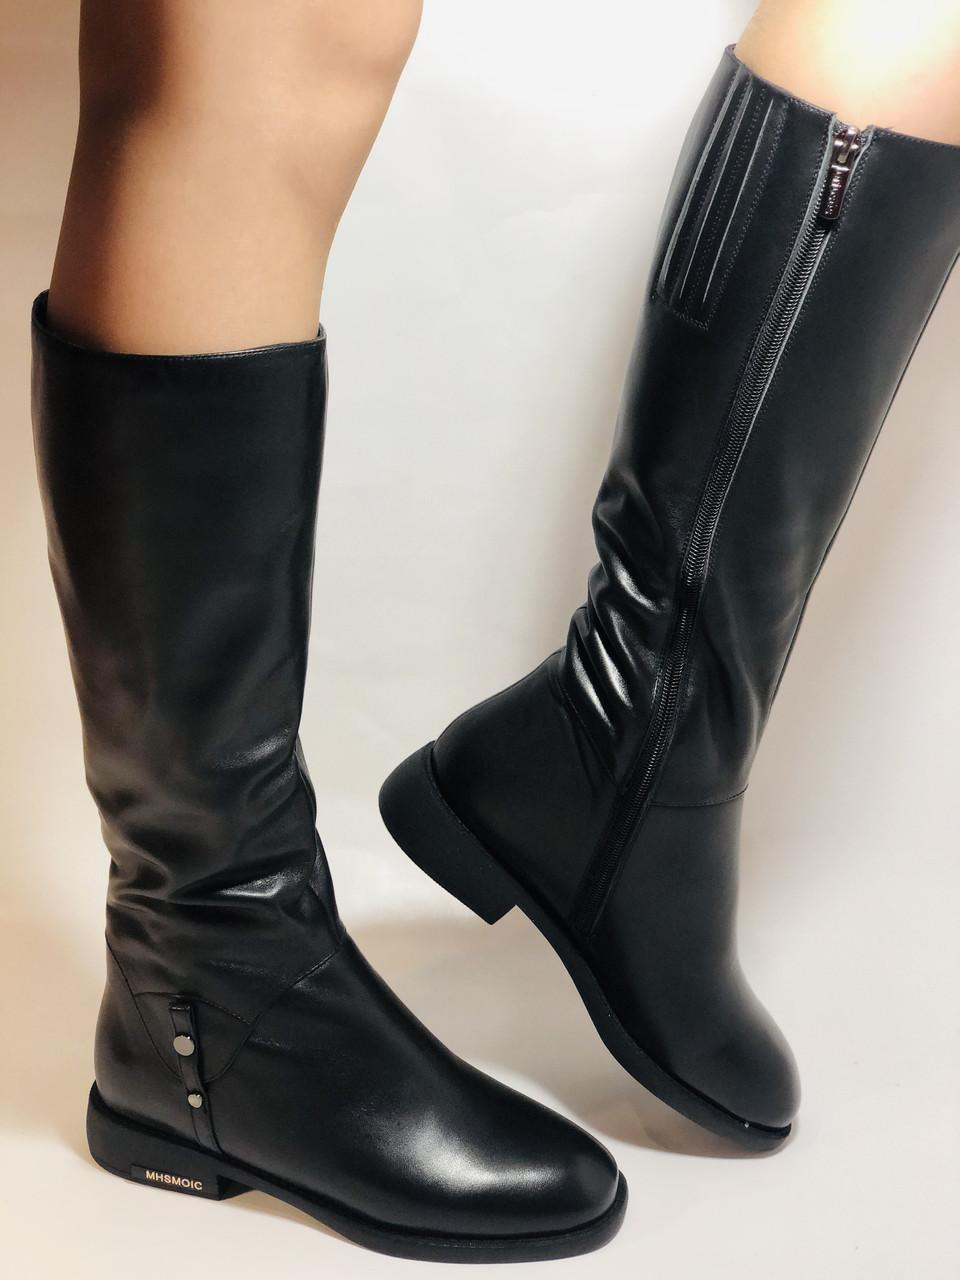 Erisses.Зимние сапоги на натуральном меху на низком каблуке. Натуральная кожа. Люкс качество.  Р. 37.40.